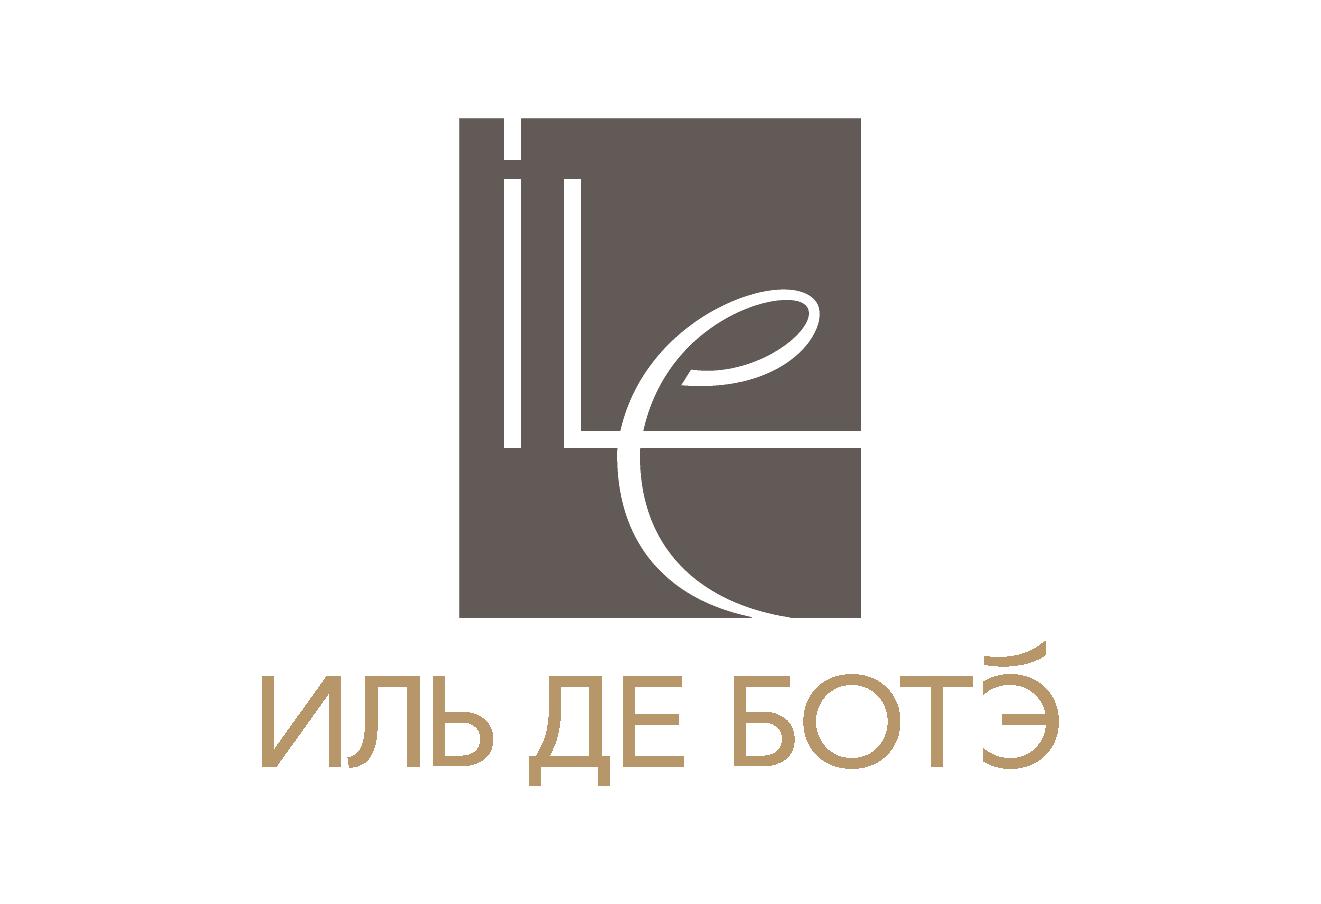 Сувенирные лавки иль де ботэ официальный сайт омск каталог товаров понижения